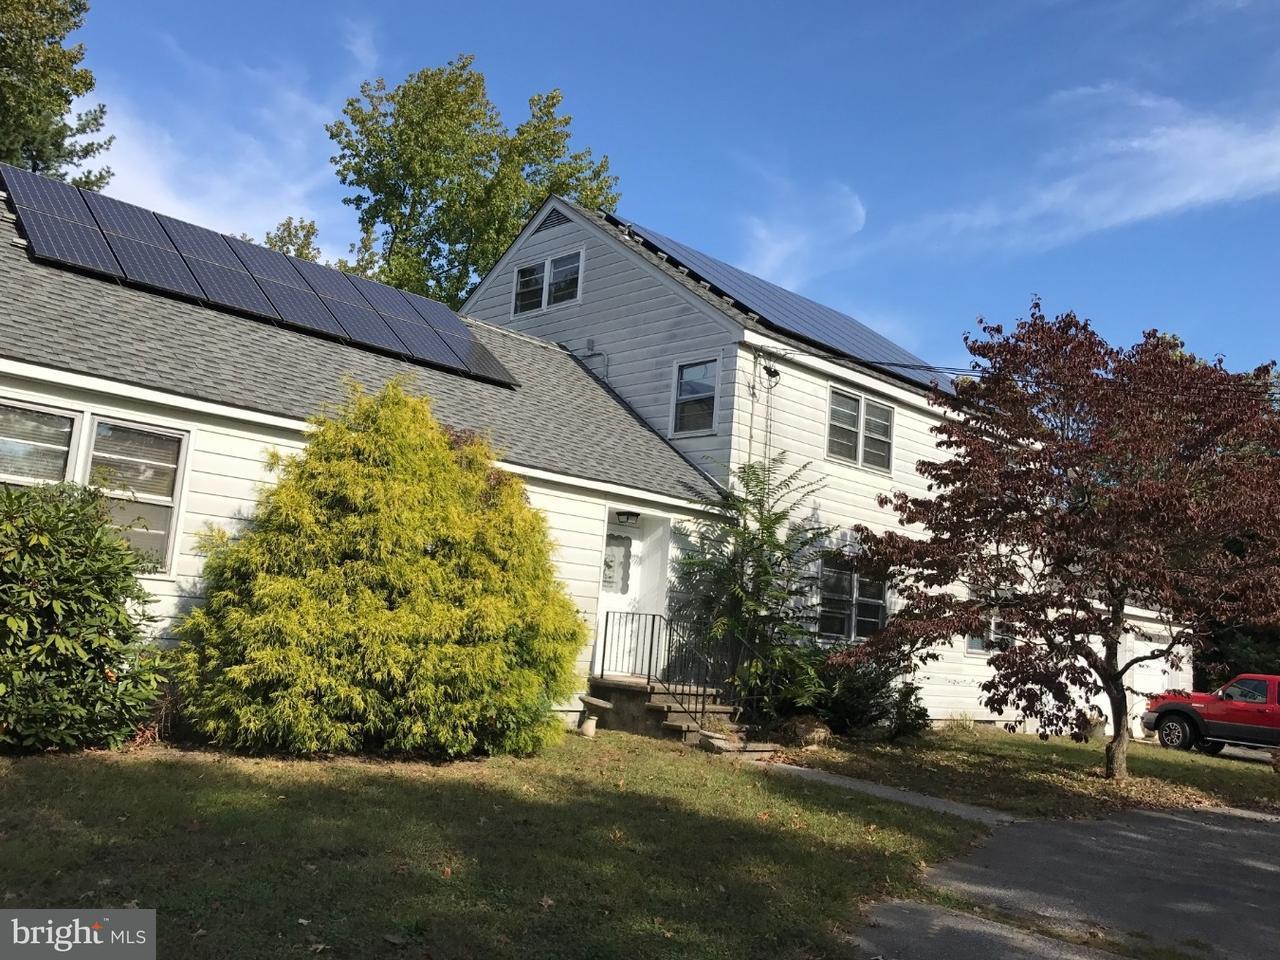 独户住宅 为 销售 在 1062 JESSUP Road Thorofare, 新泽西州 08086 美国